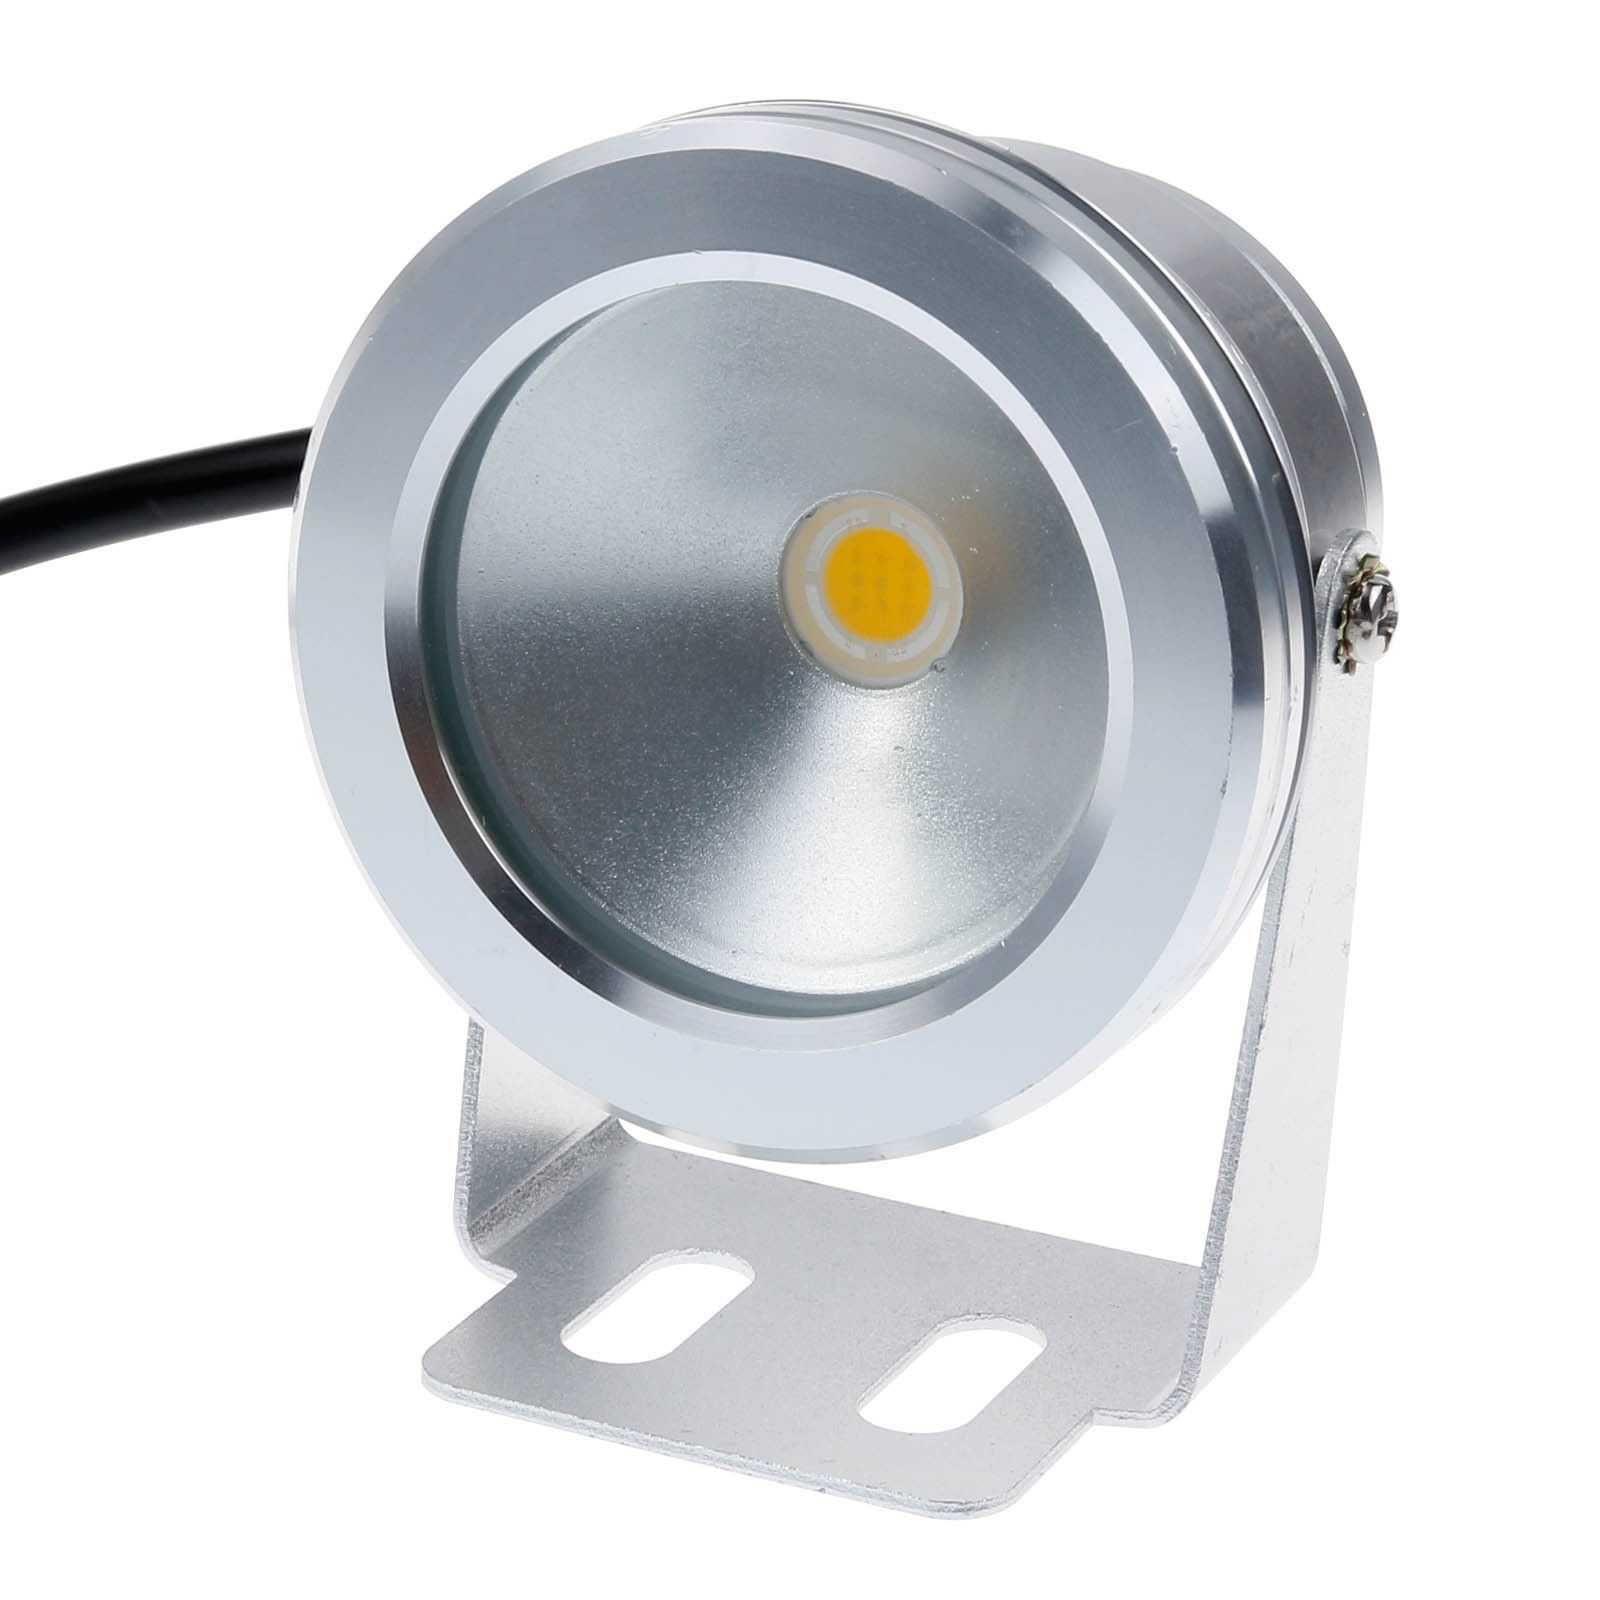 YINHEXI Đèn LED âm nước Ngoại thương gốc đơn 10W 12V LED chống nước cấp IP68 an toàn áp suất thấp dư